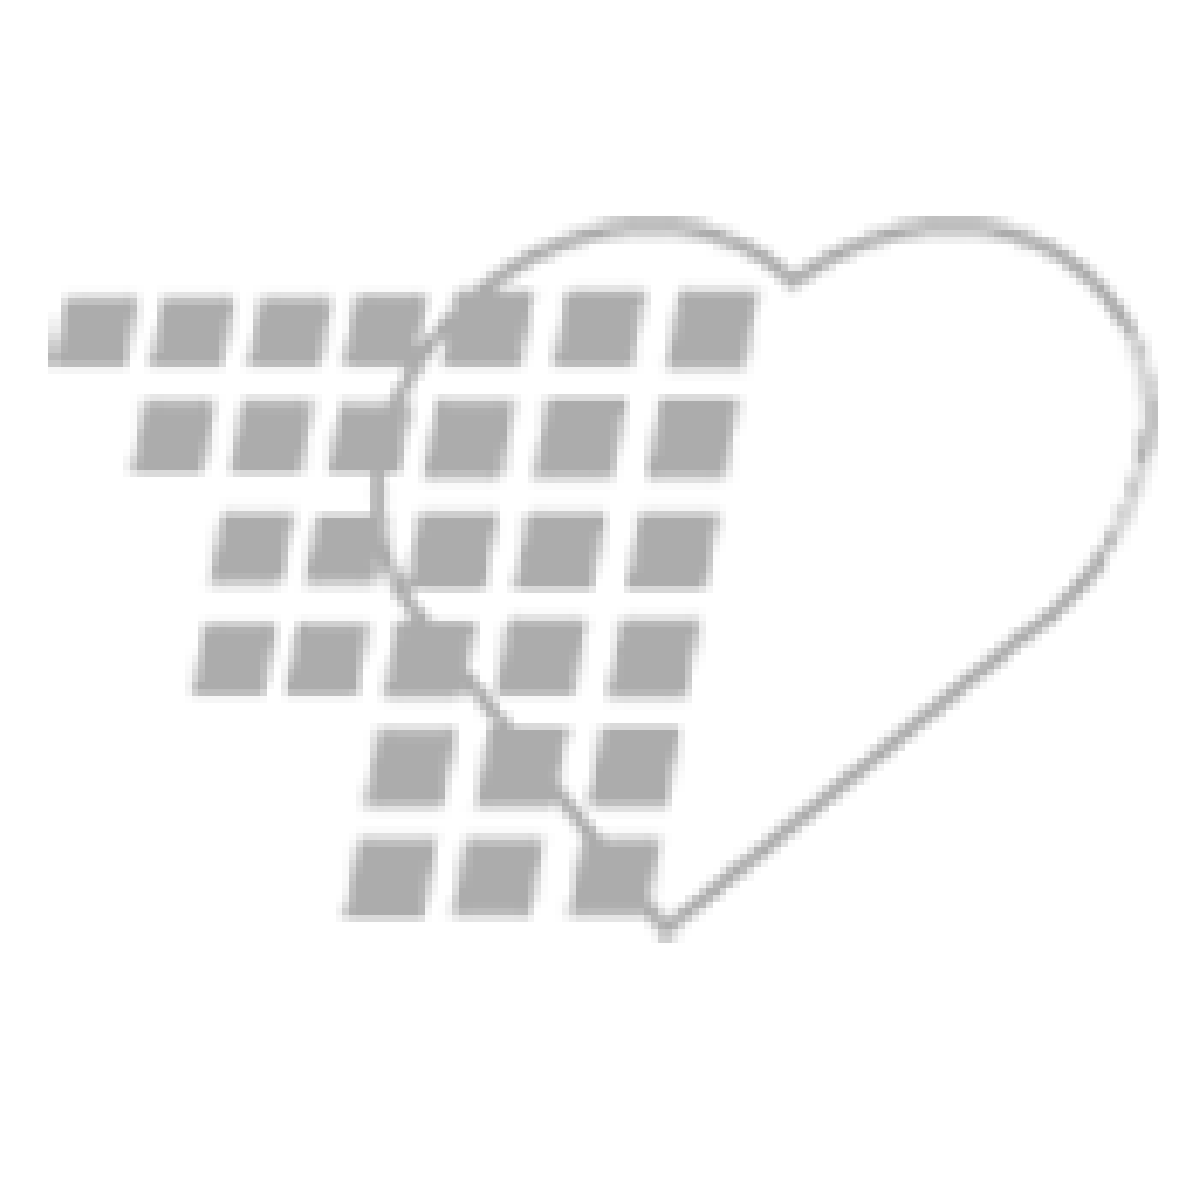 06-51-3150 - Demo B-Patch - Non-Sterile